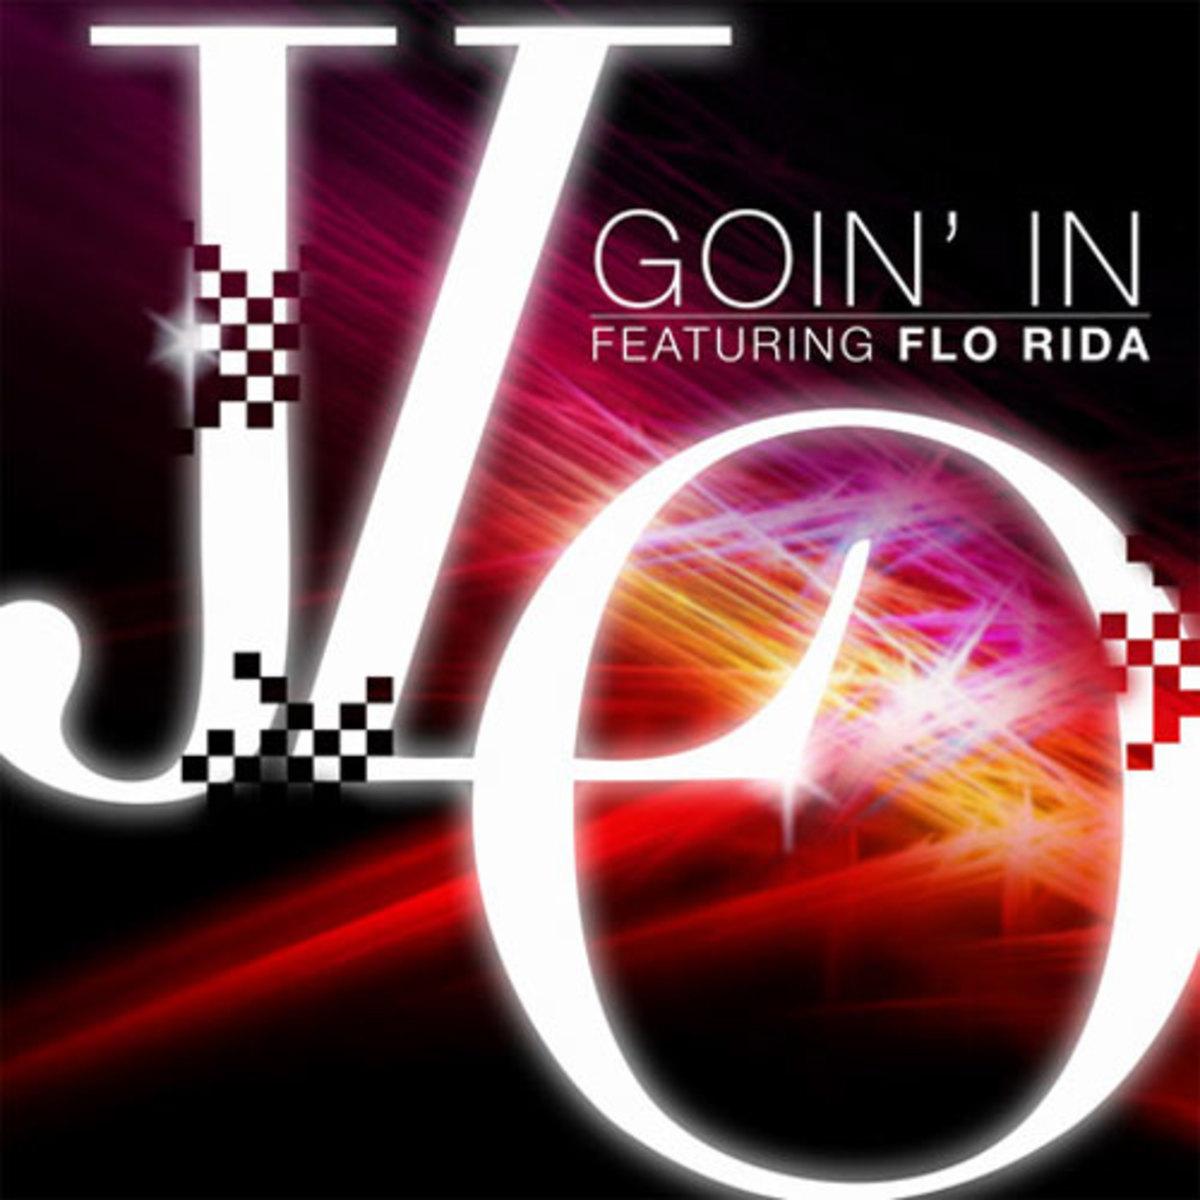 jlo-goinin.jpg